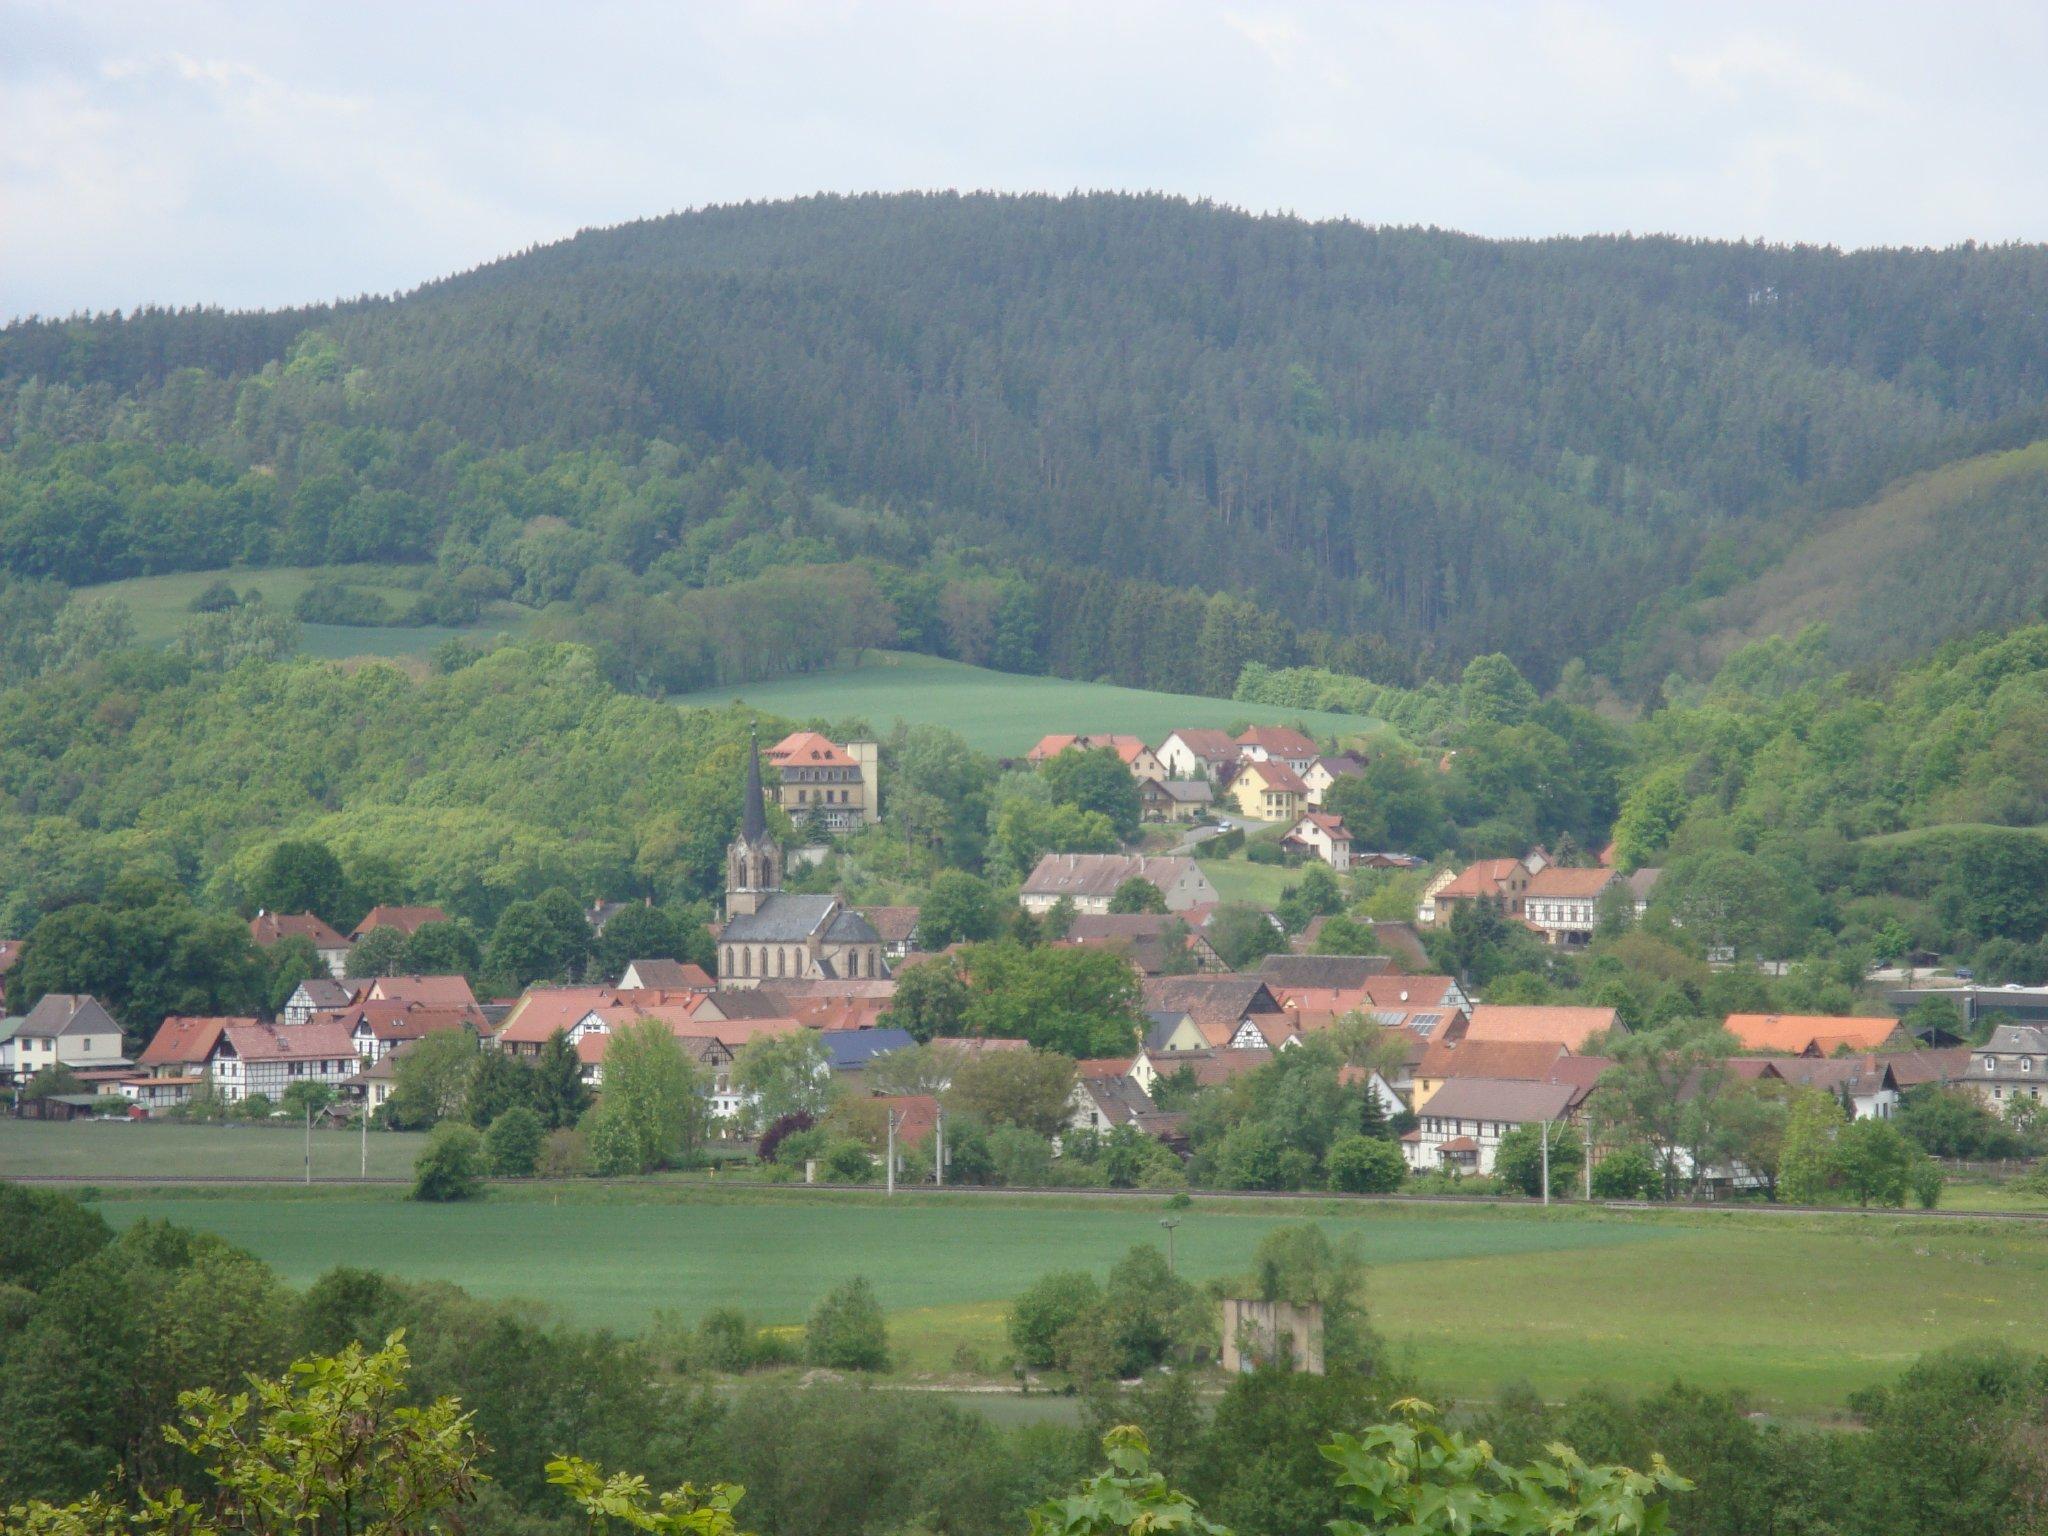 Blick auf die Heidecksburg